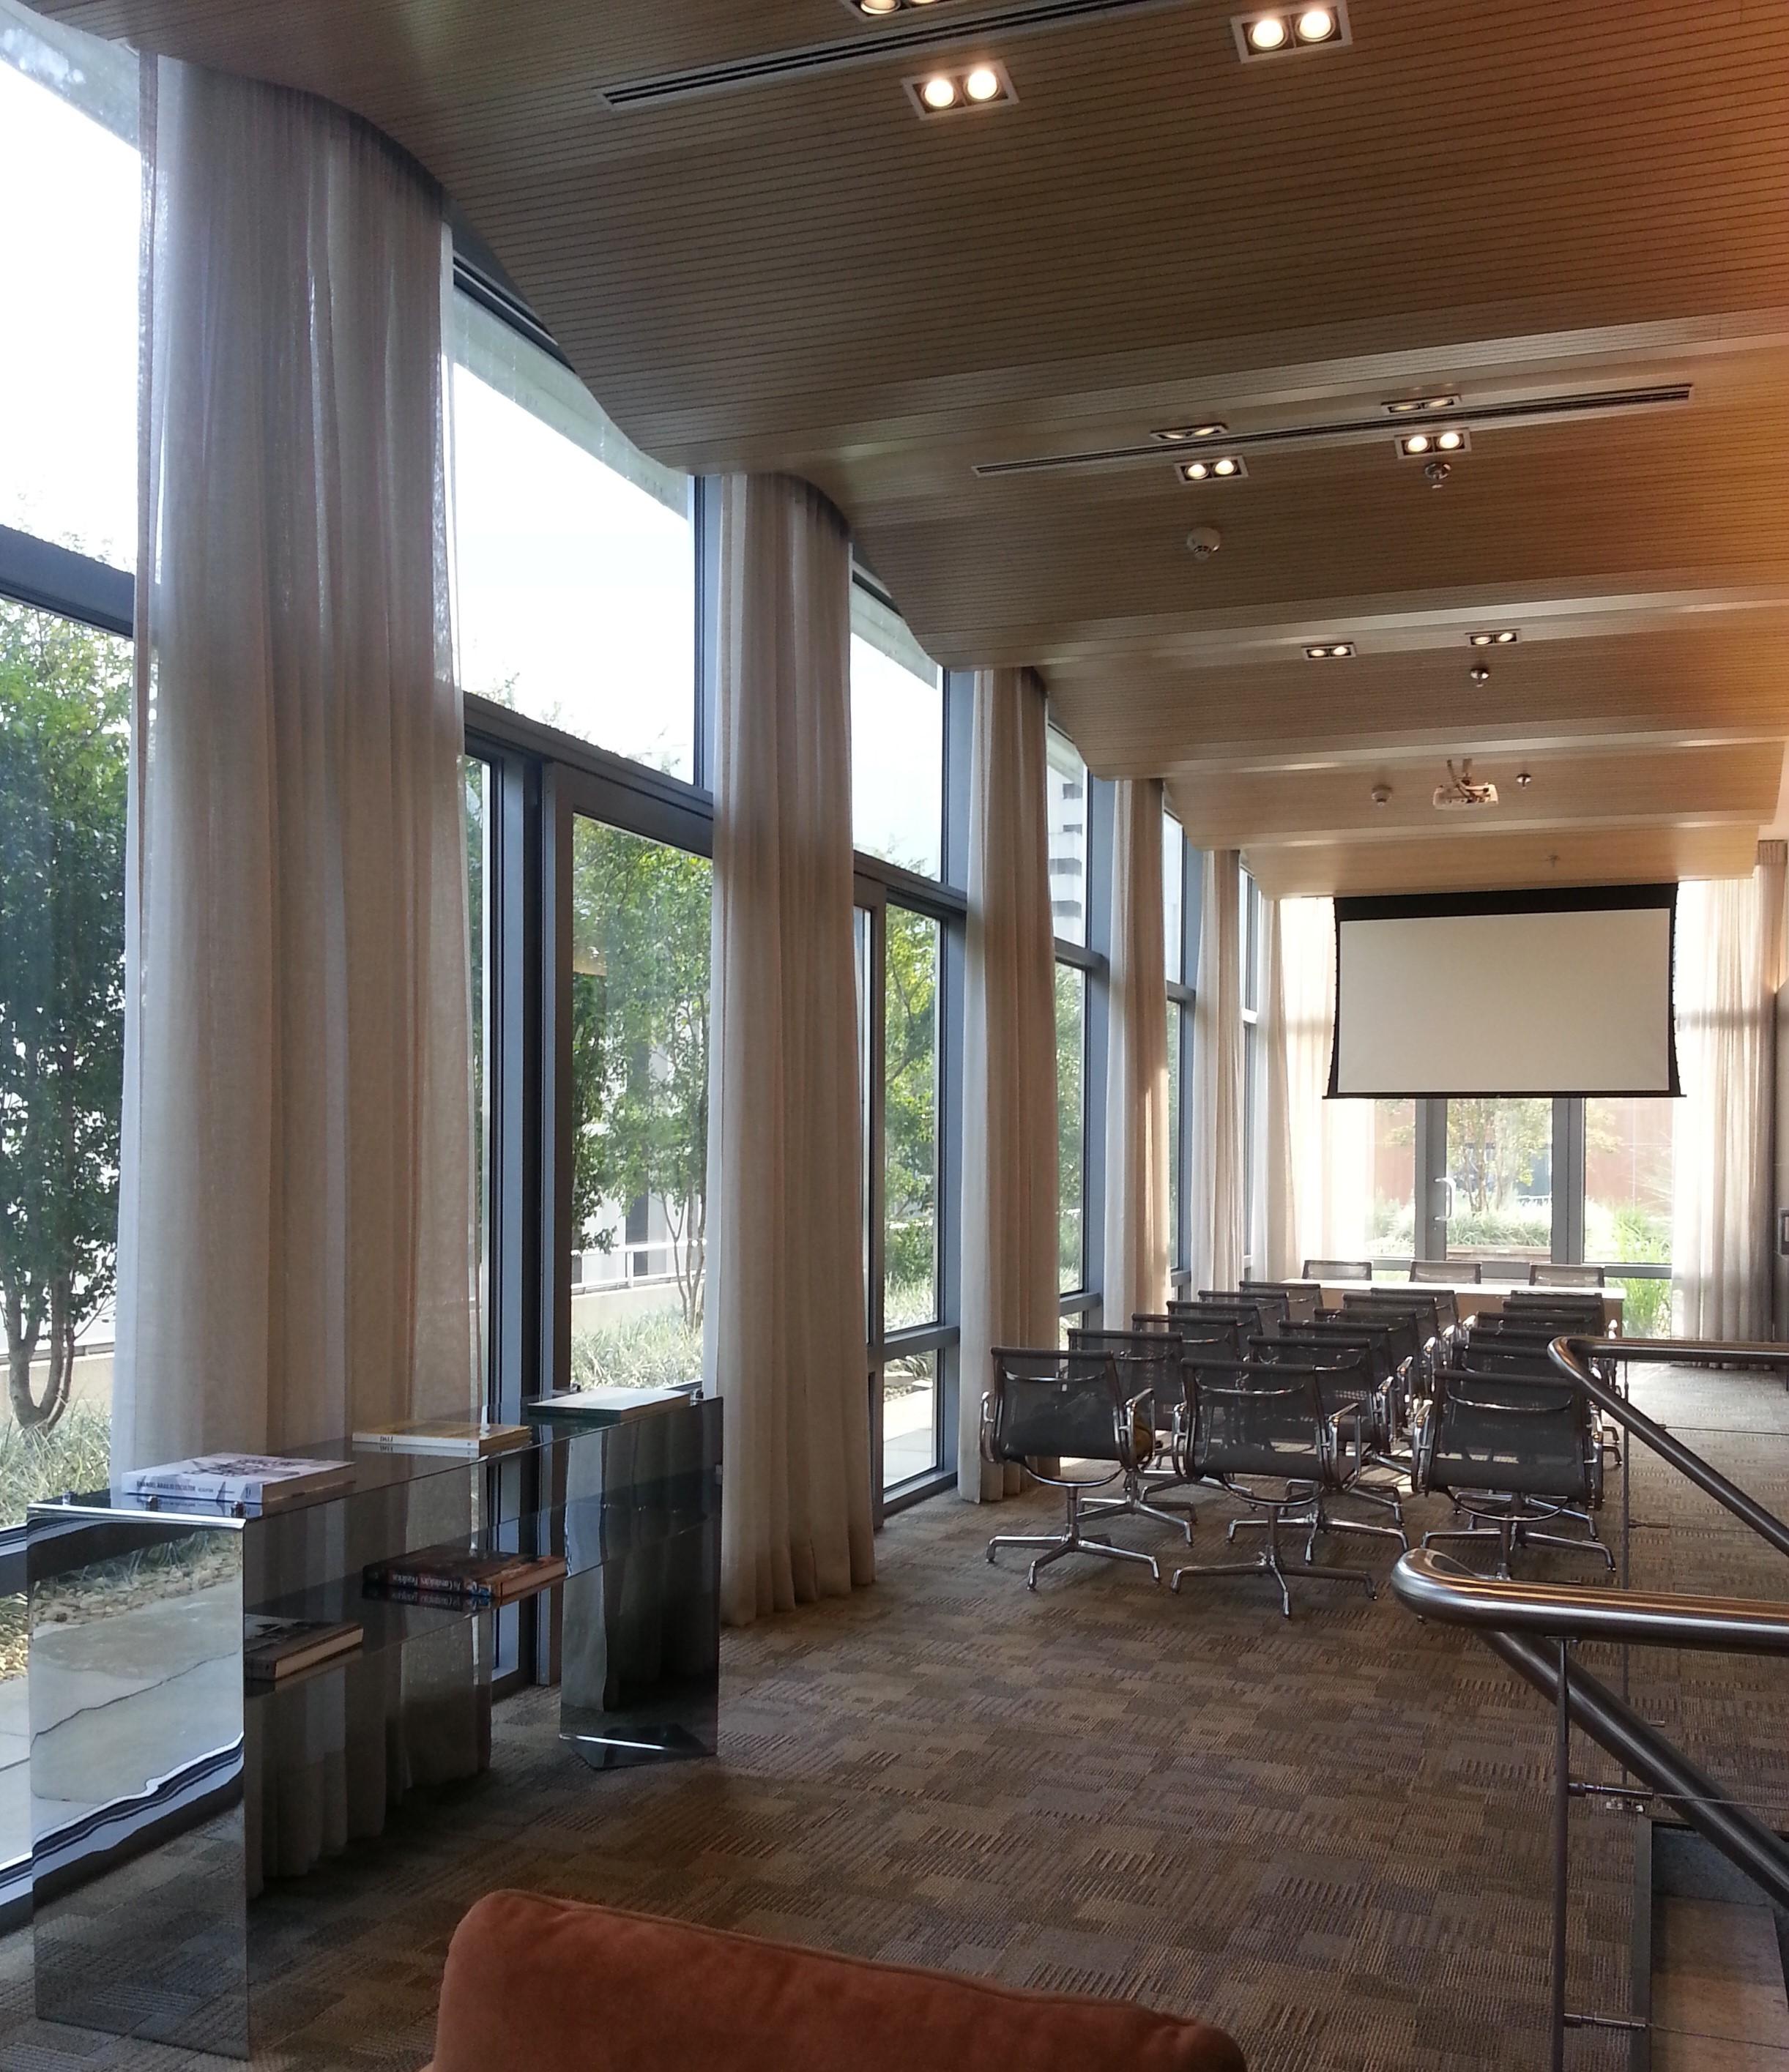 Projeto de Arquitetura para espaços diferenciados em empresas